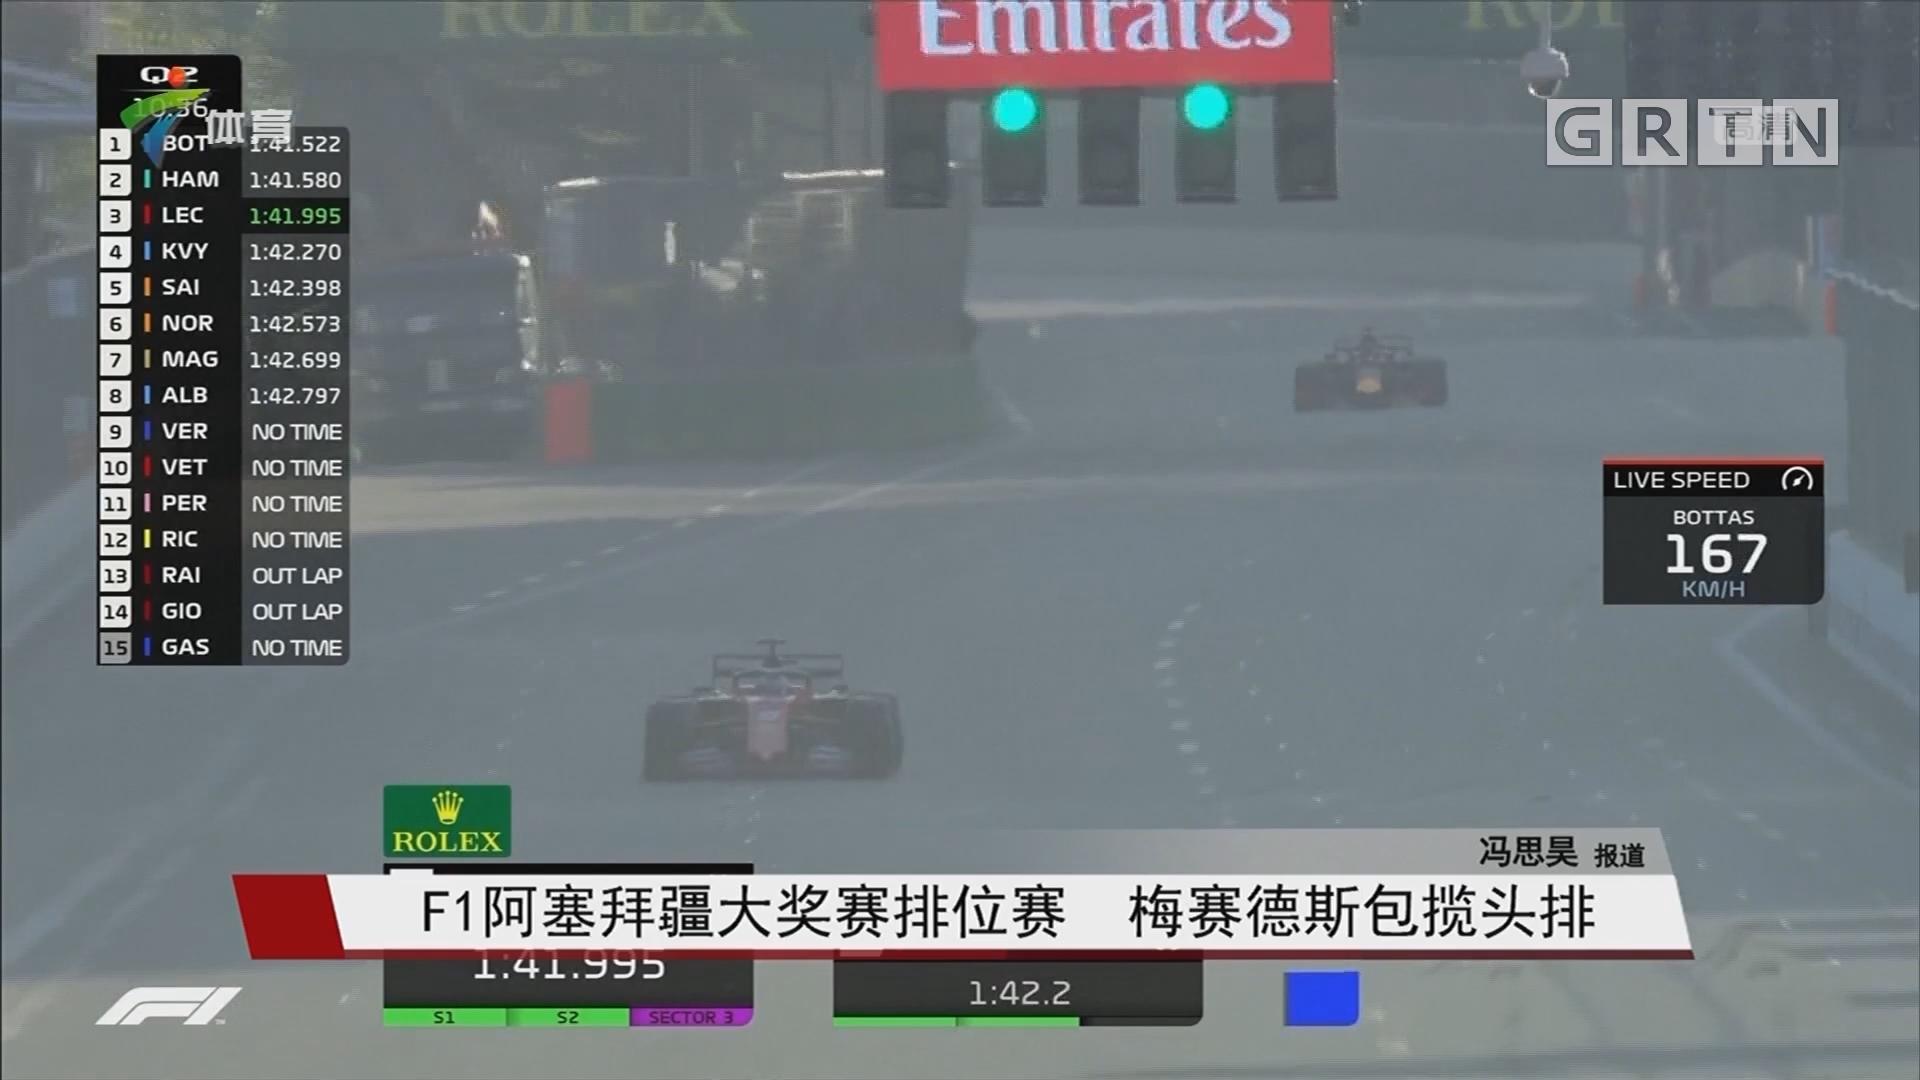 F1阿塞拜疆大奖赛排位赛 梅赛德斯包揽头排